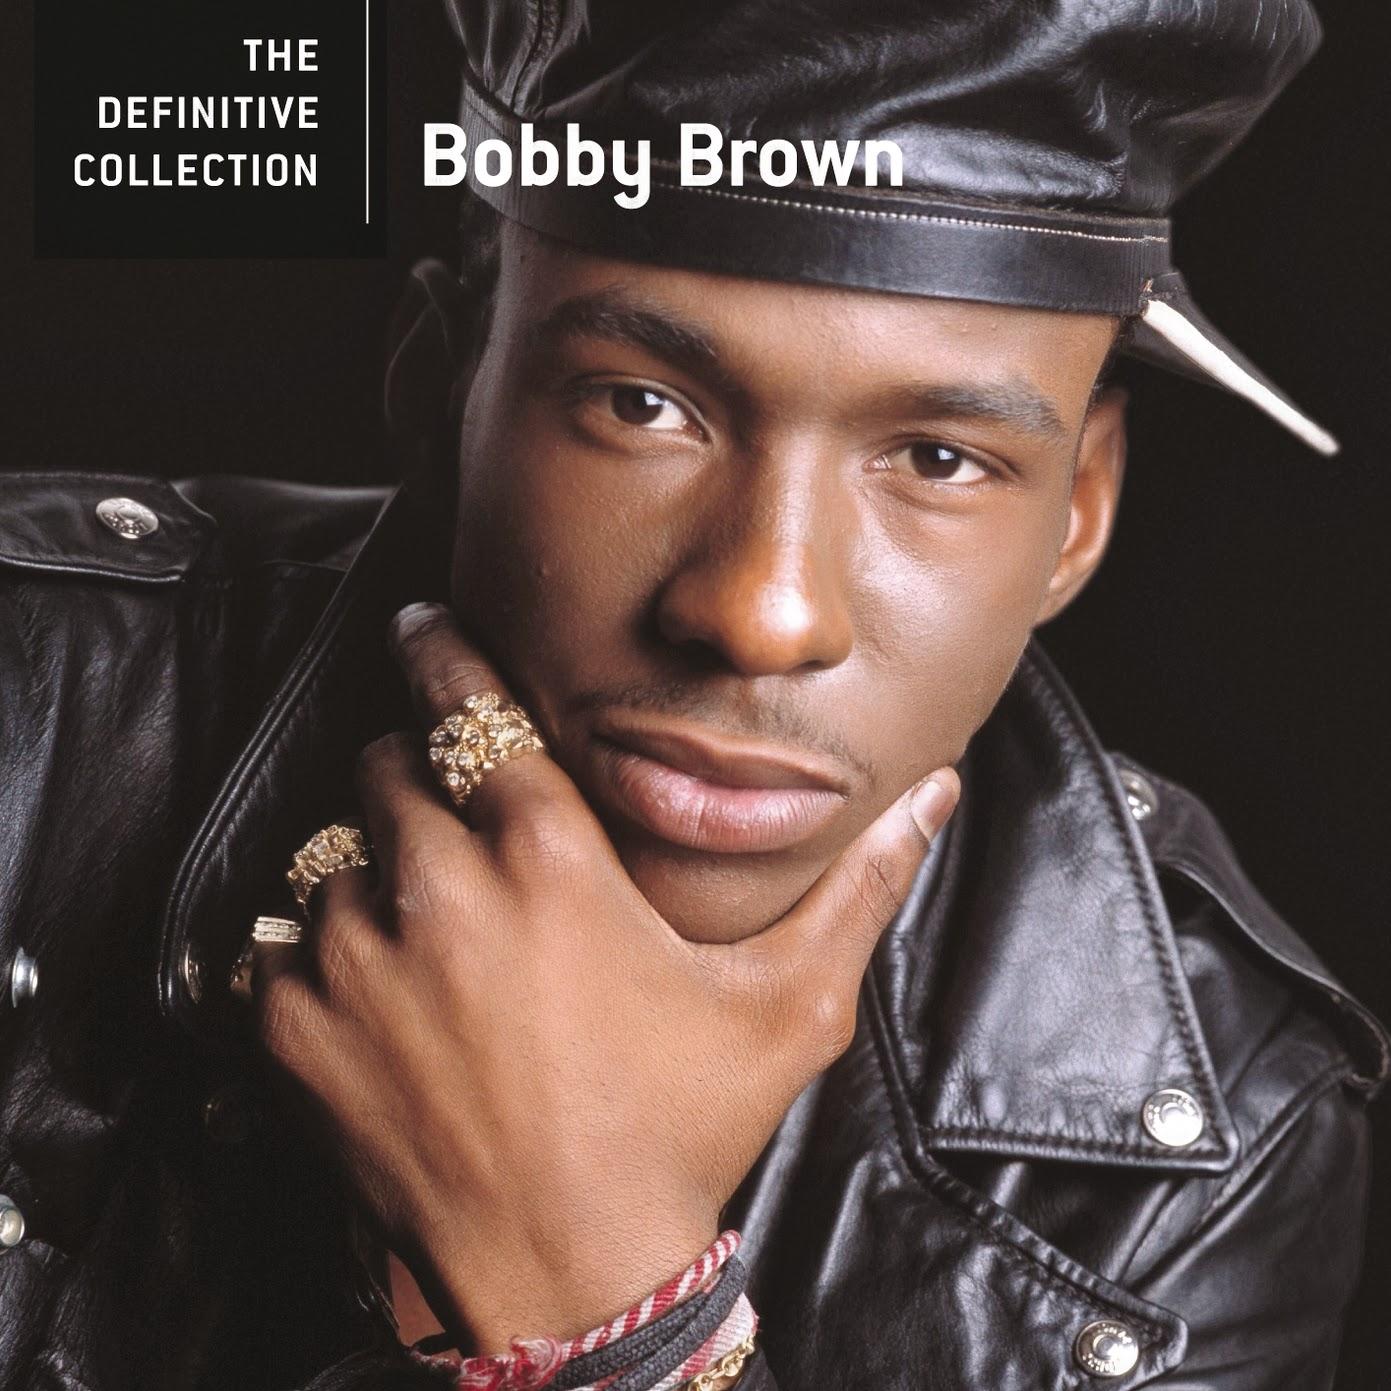 Bobby Brown - Feelin' Inside